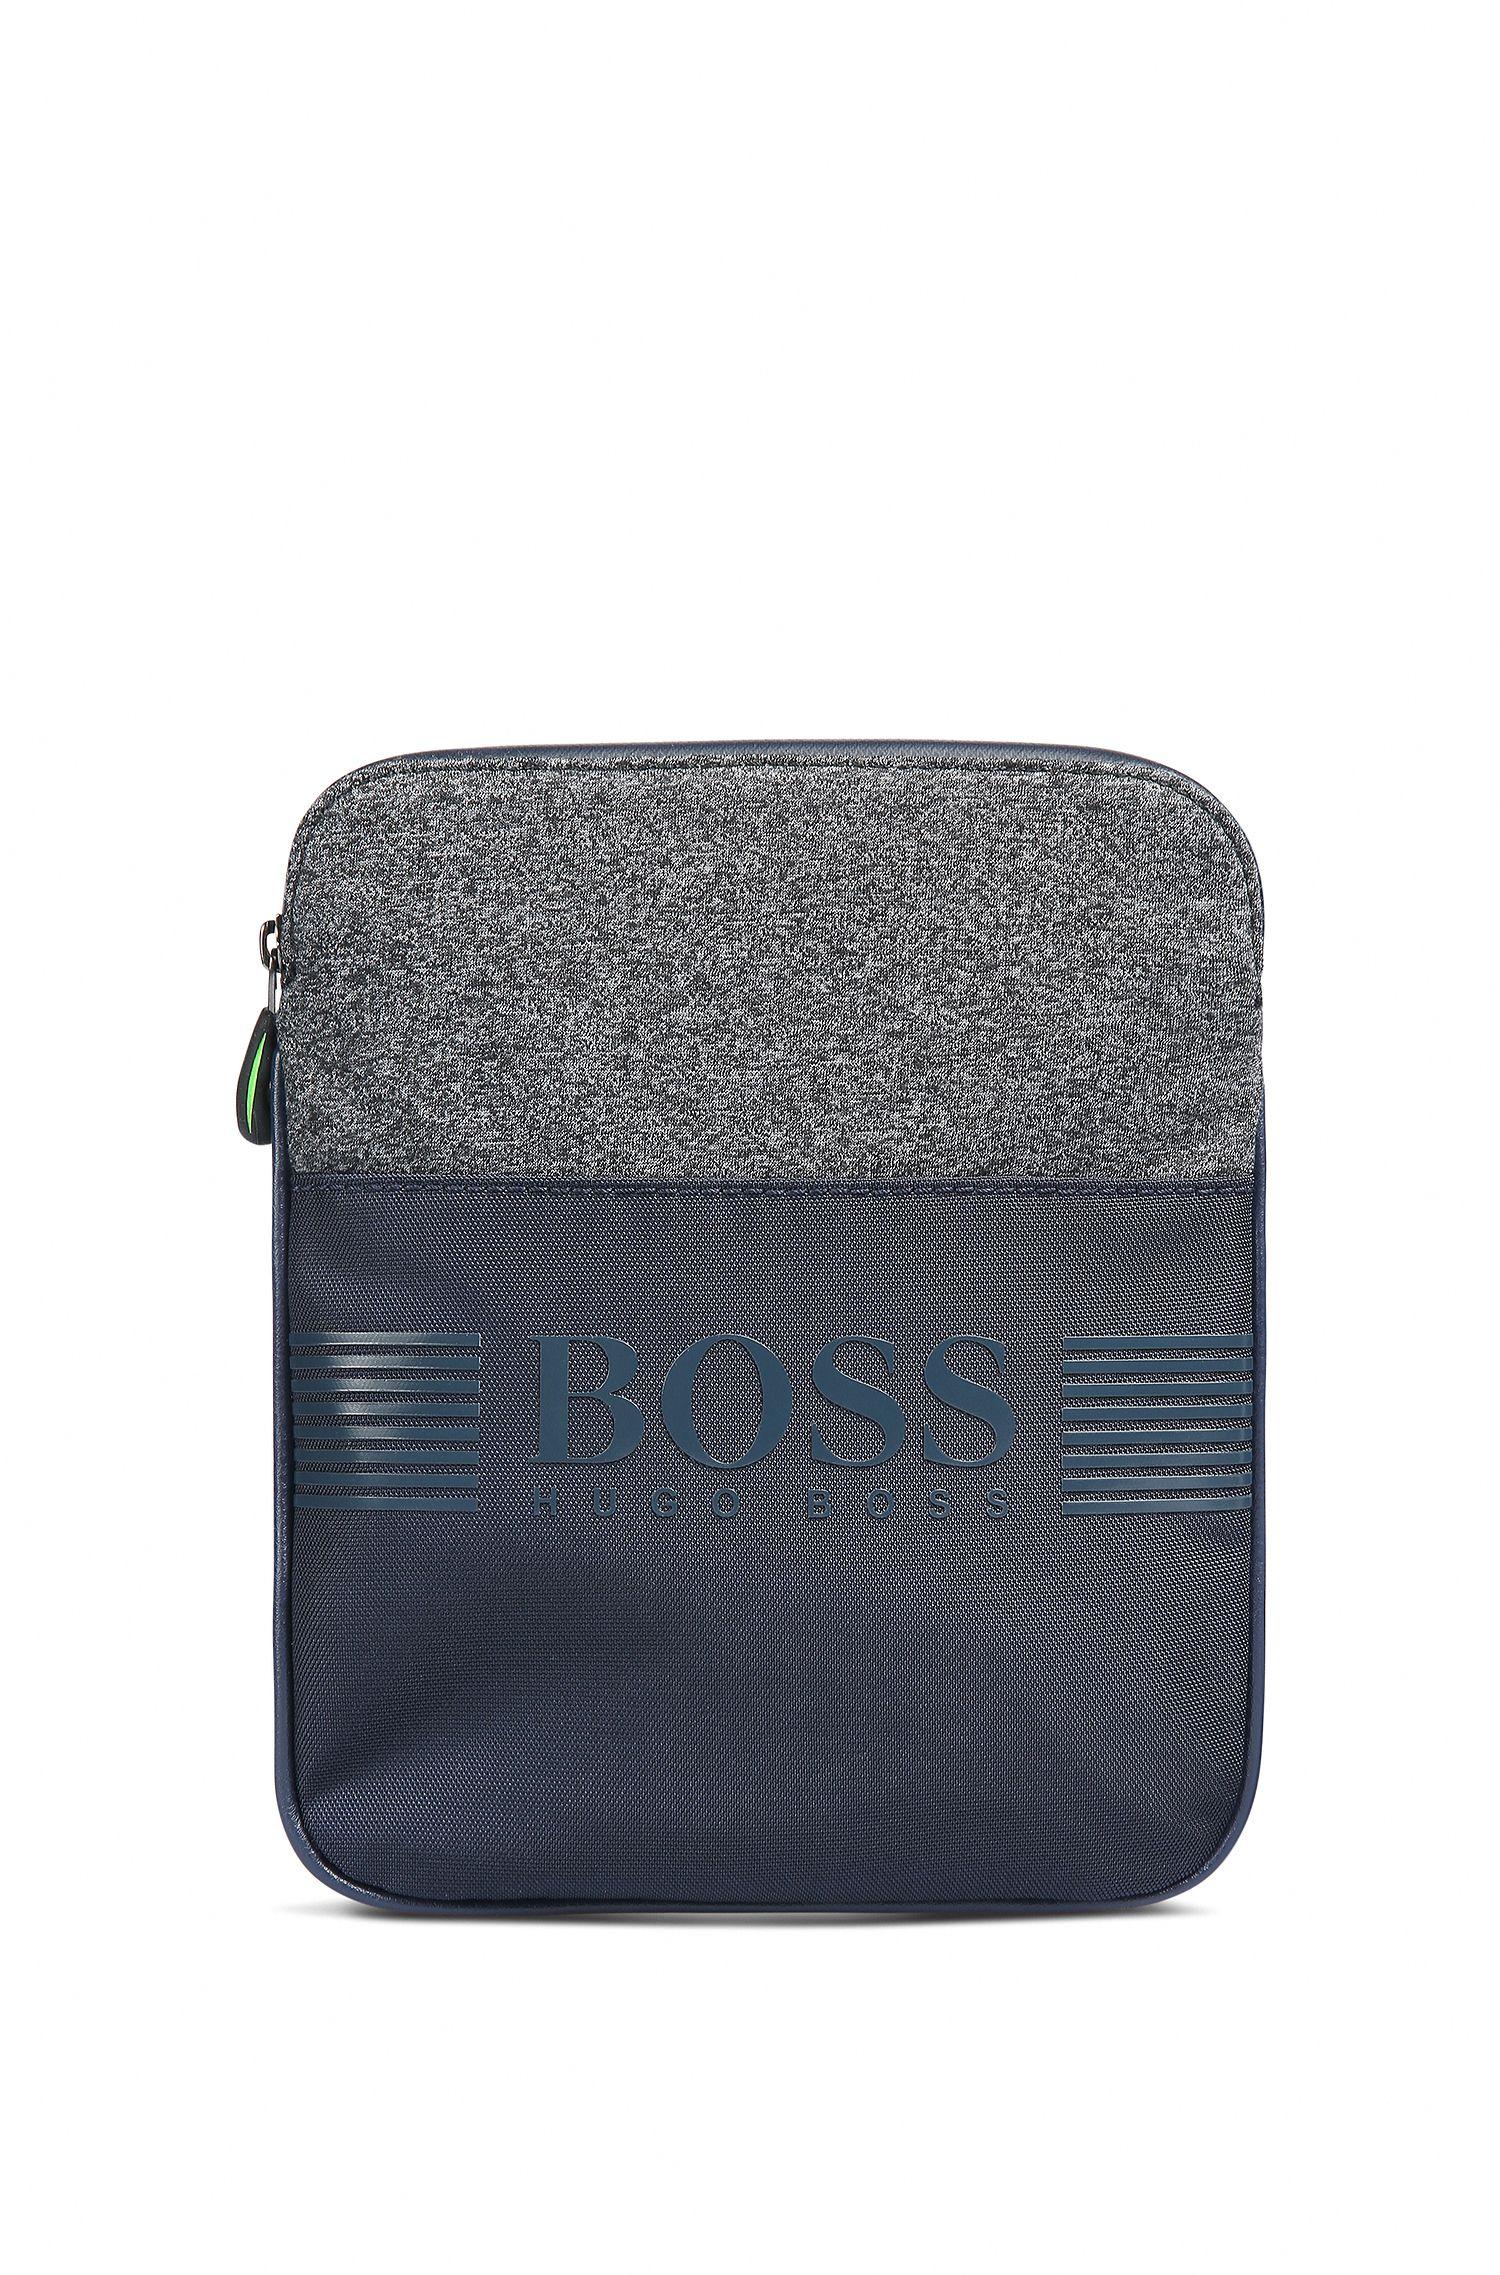 Bolso cruzado compacto en punto y tejido técnico